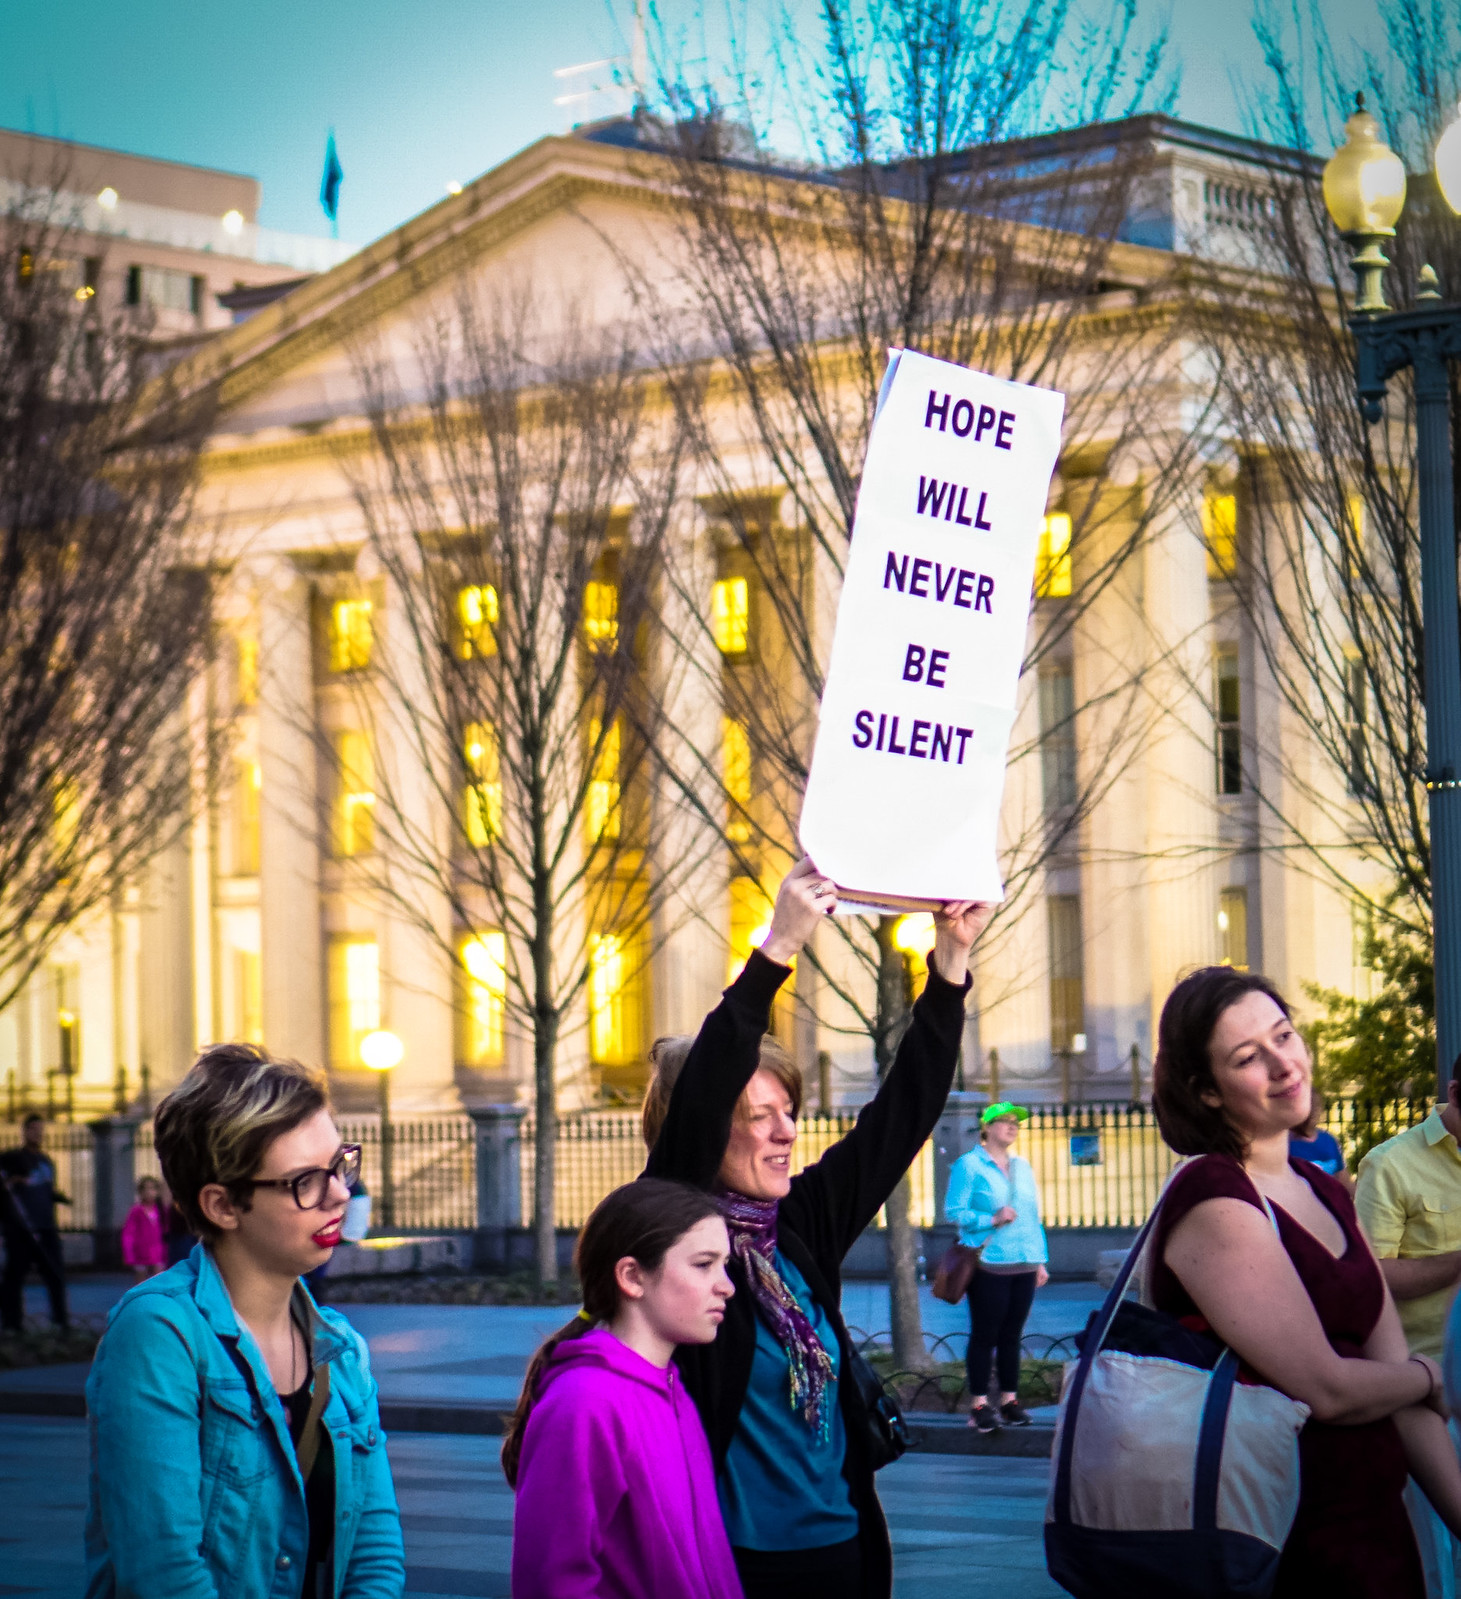 2017.02.24 Dance Protest Celebrating Trans Youth, Washington, DC USA 01165